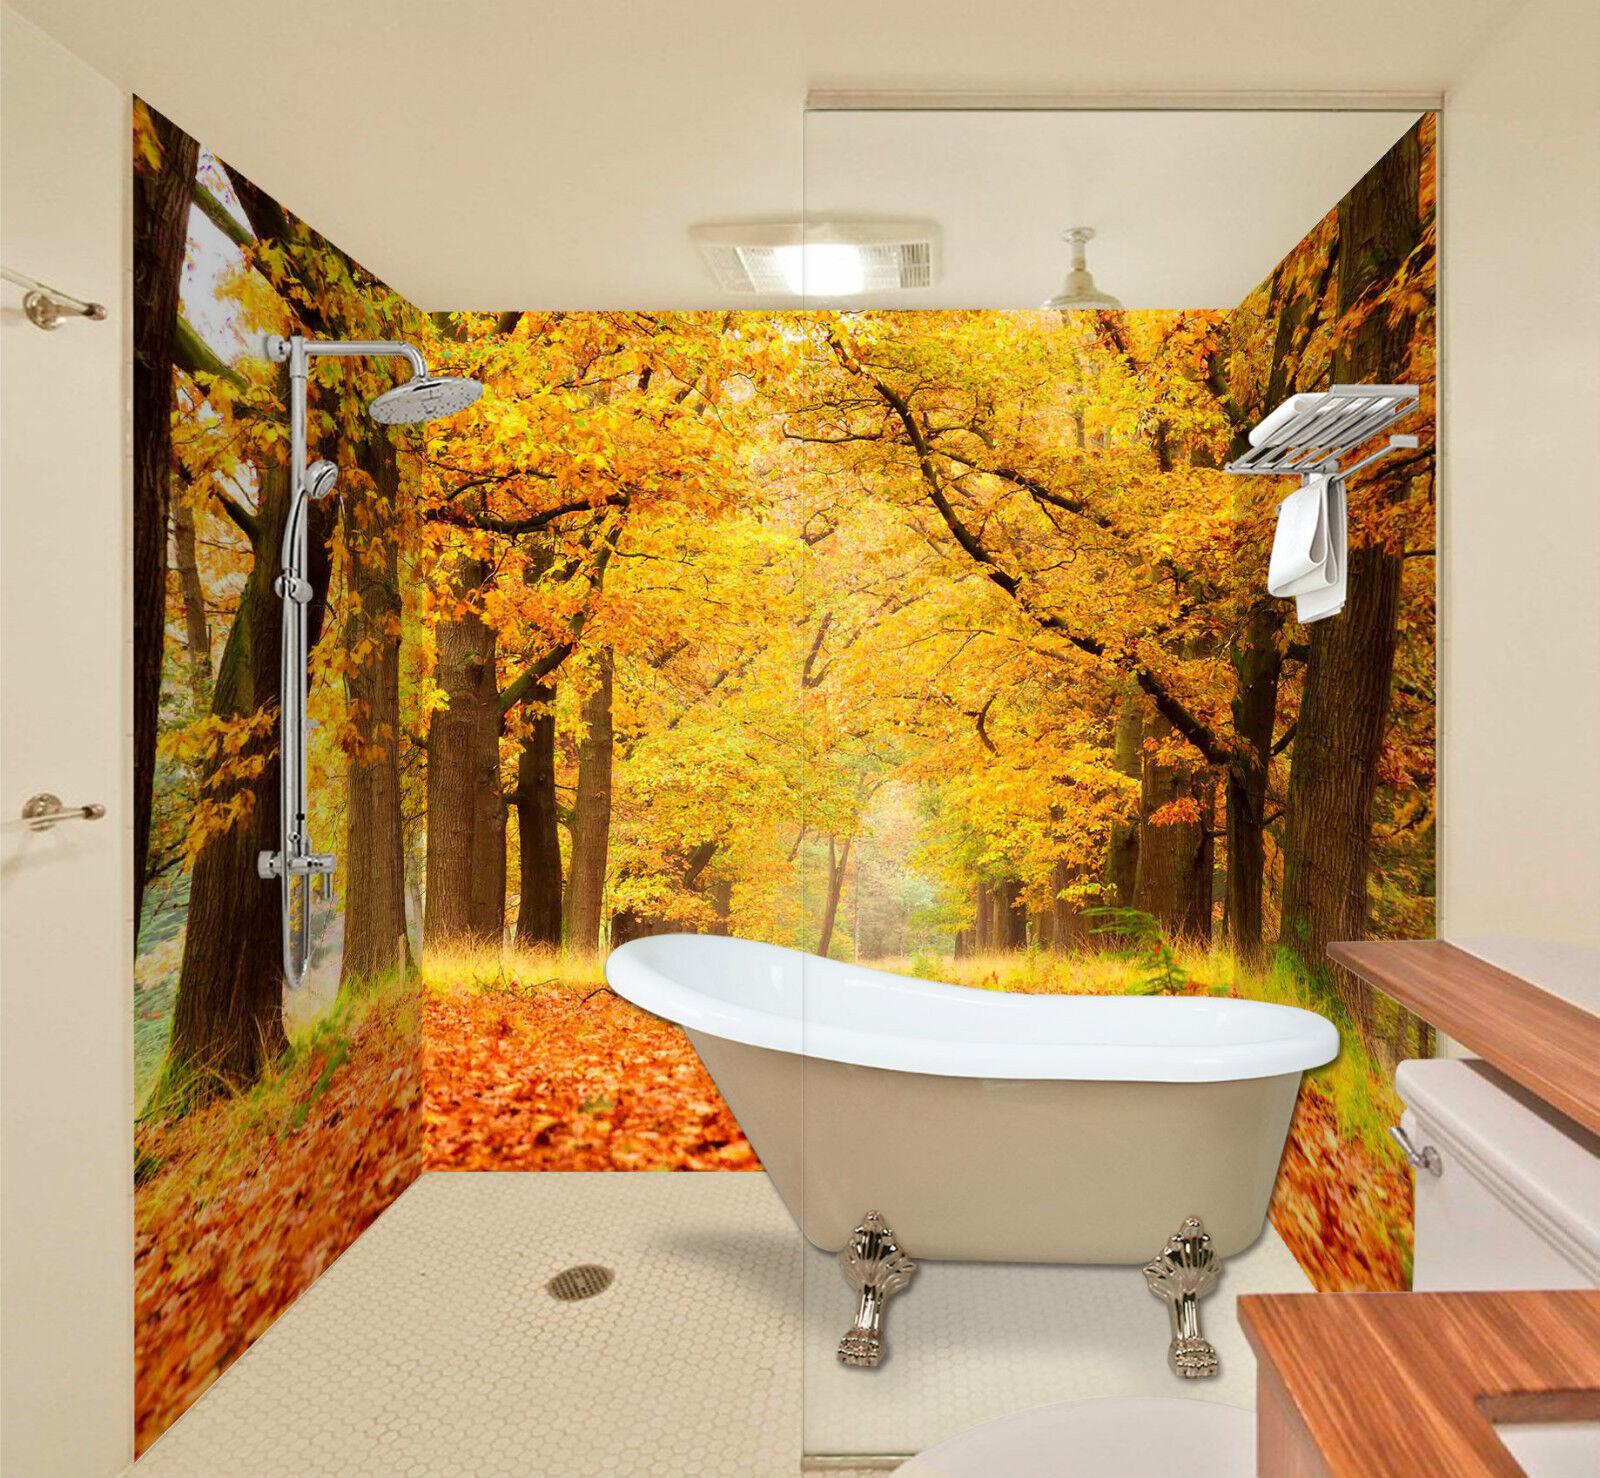 3D Autumn Trees 075 WallPaper Bathroom Print Decal Wall Deco AJ WALLPAPER CA